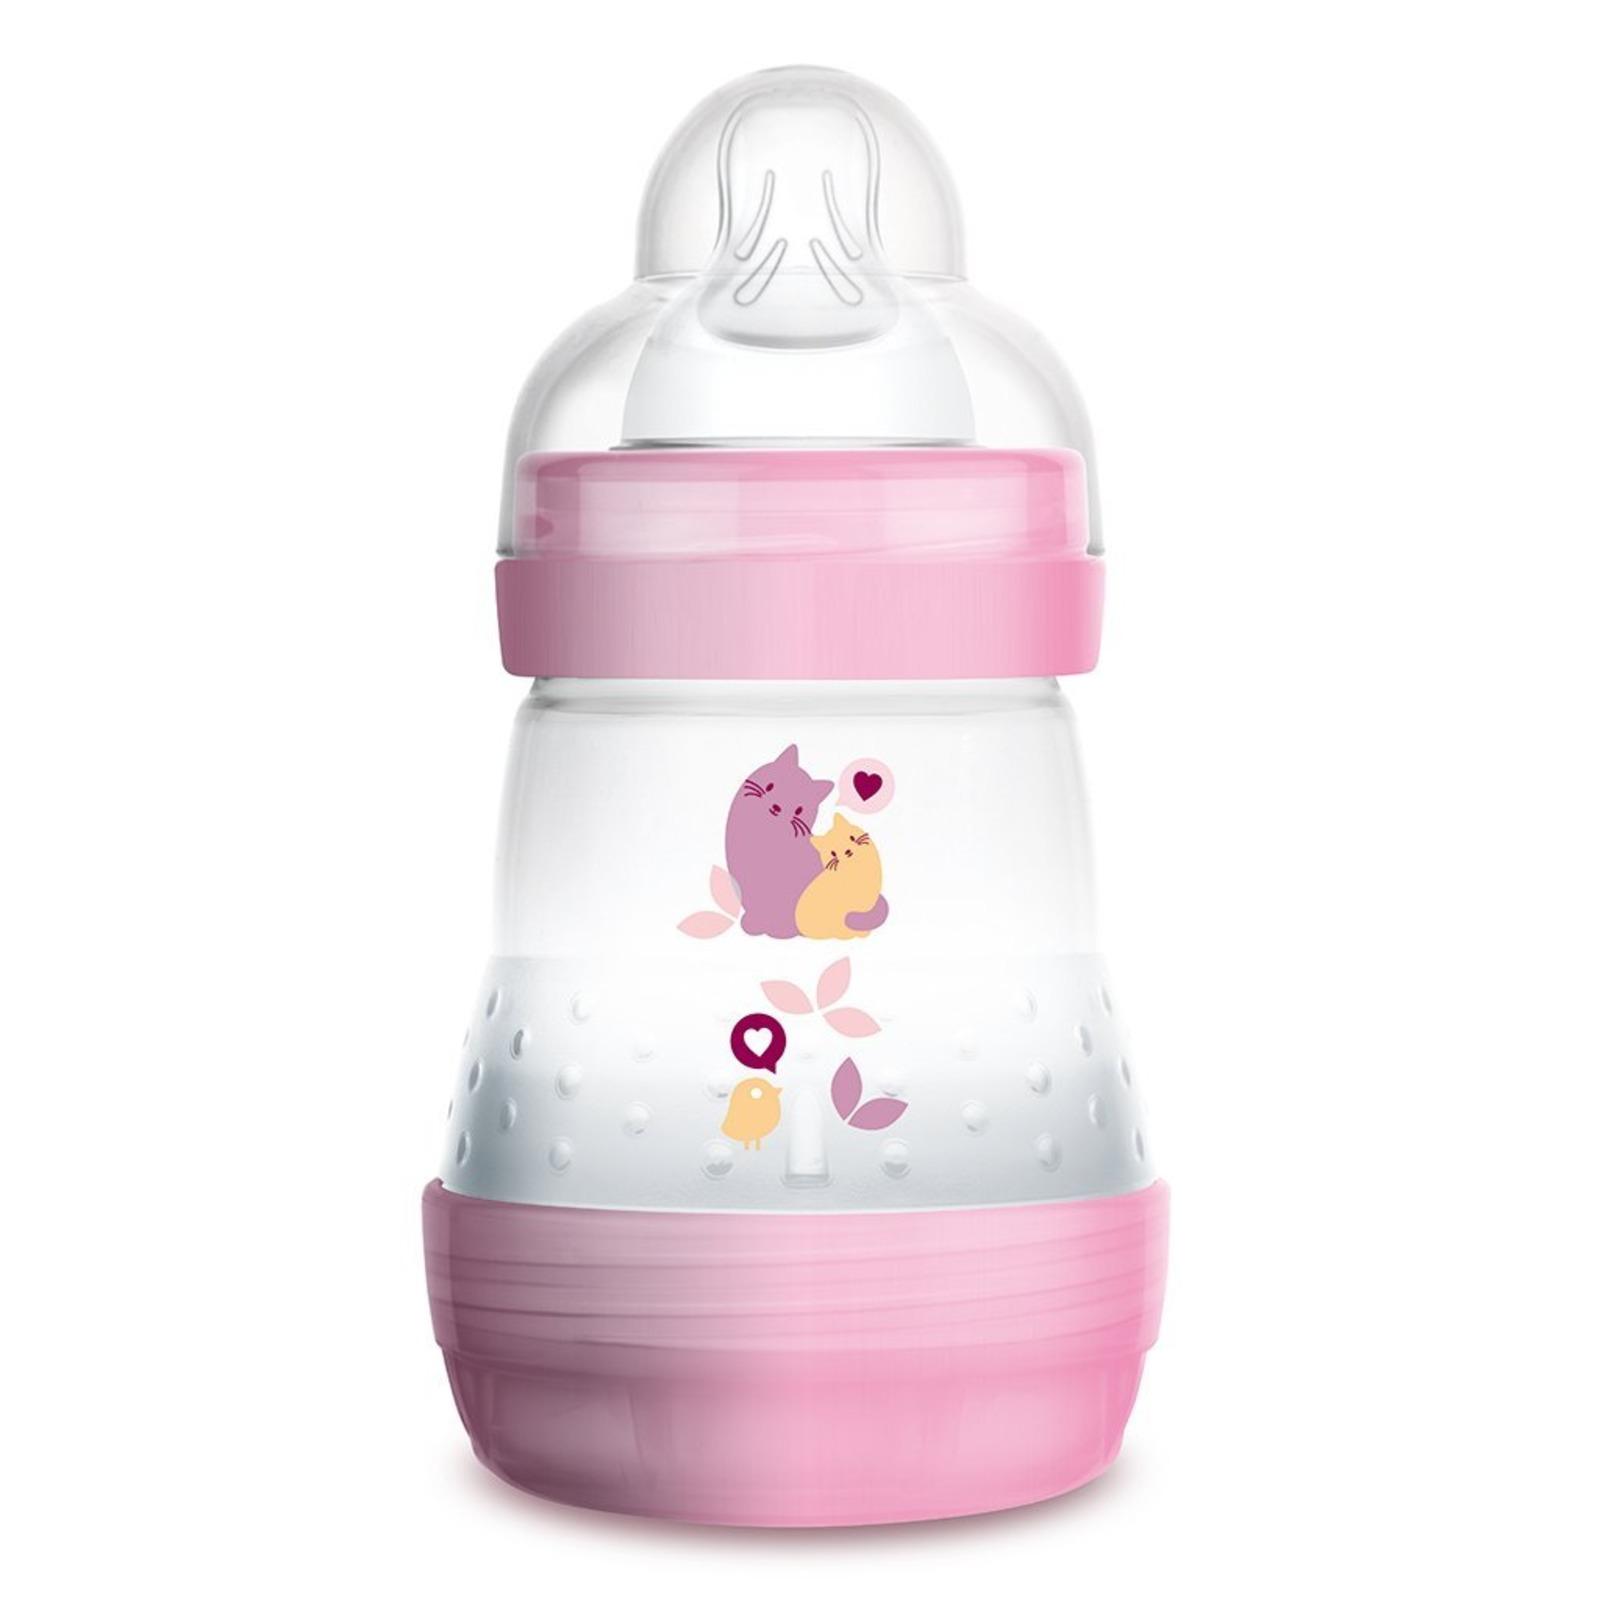 MAM Easy Start Anti-Colic Bottle - Pink